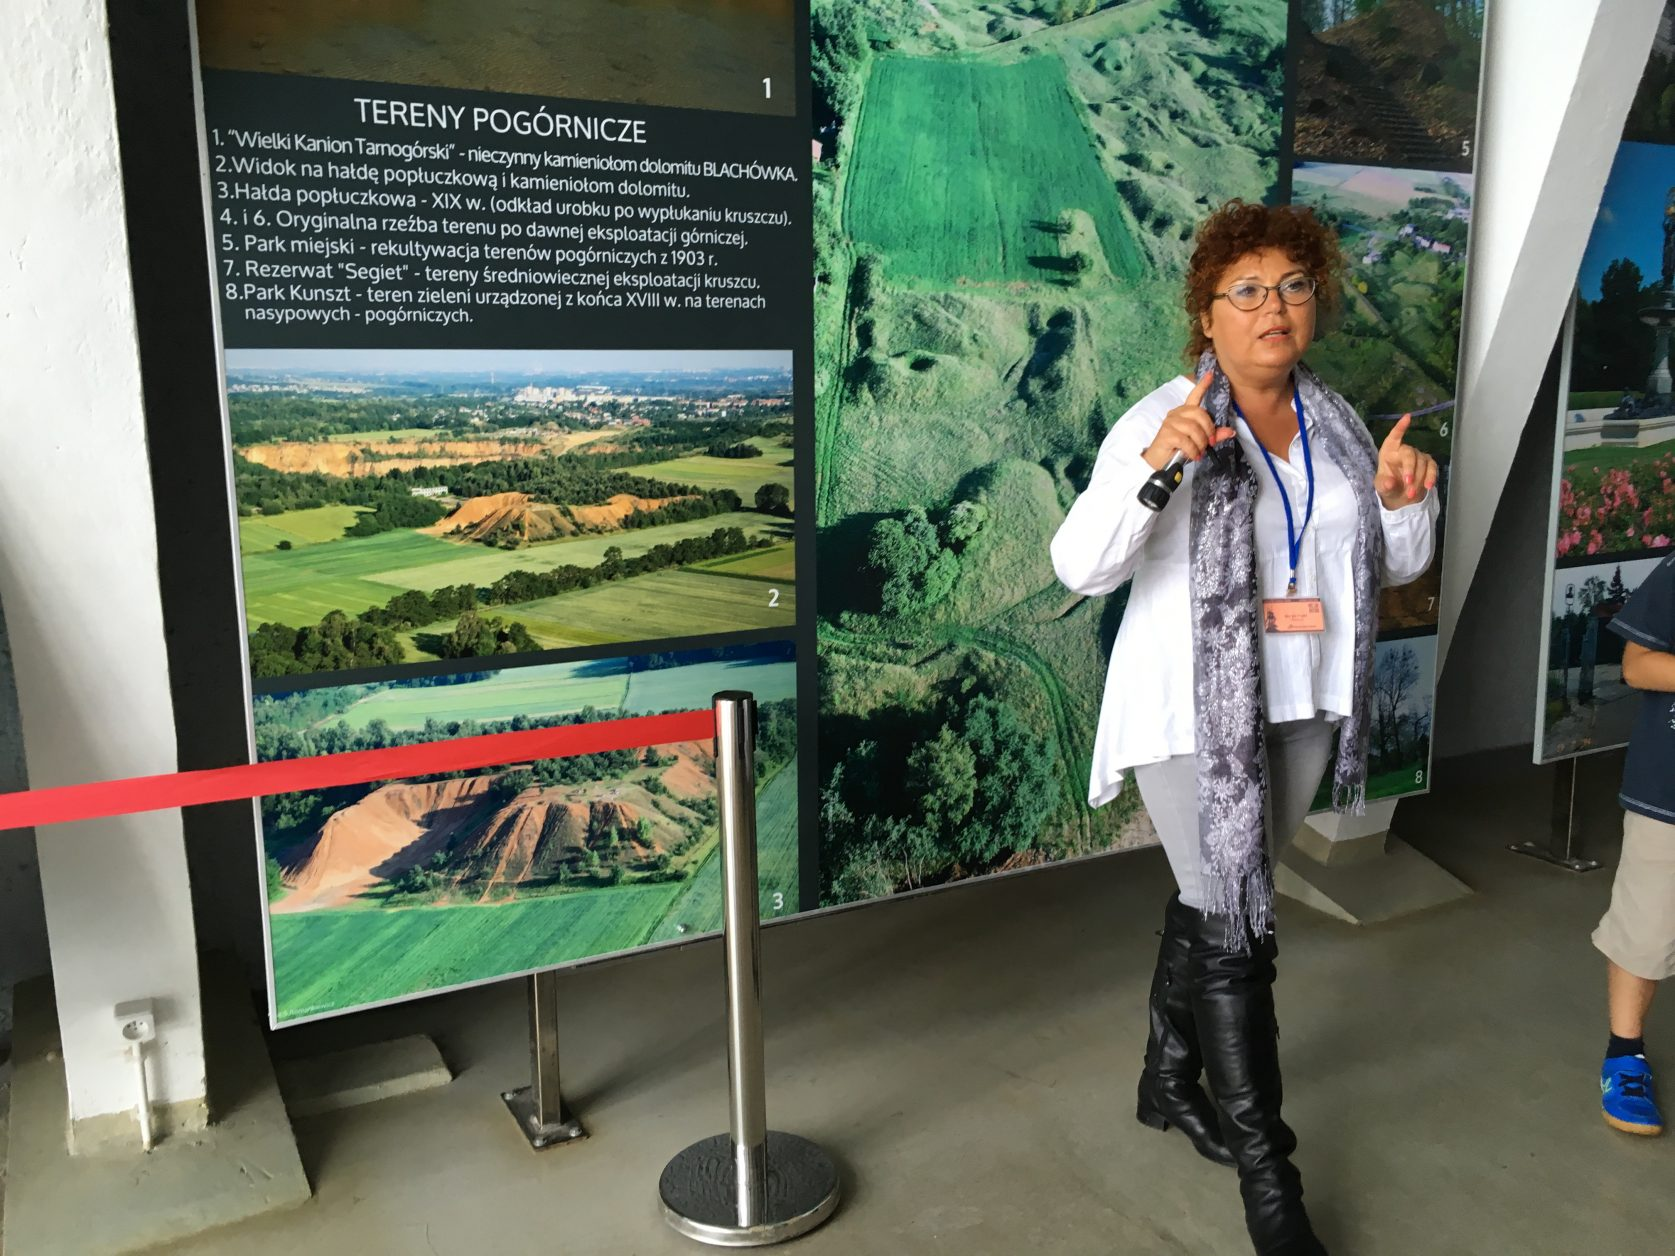 die Führerin begleitet die Gäste auch in das Bergwerk, sie spricht deutsch, Foto: Weirauch